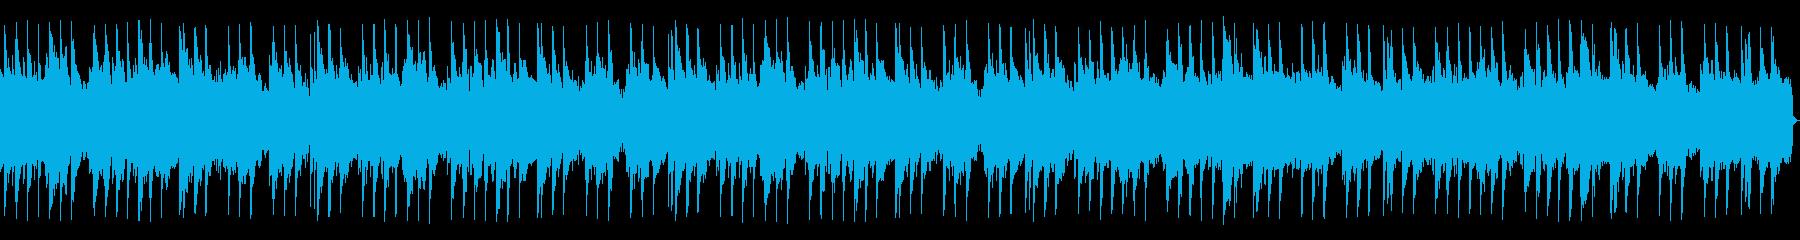 マンドリンとピアノを使用した心温ま...の再生済みの波形